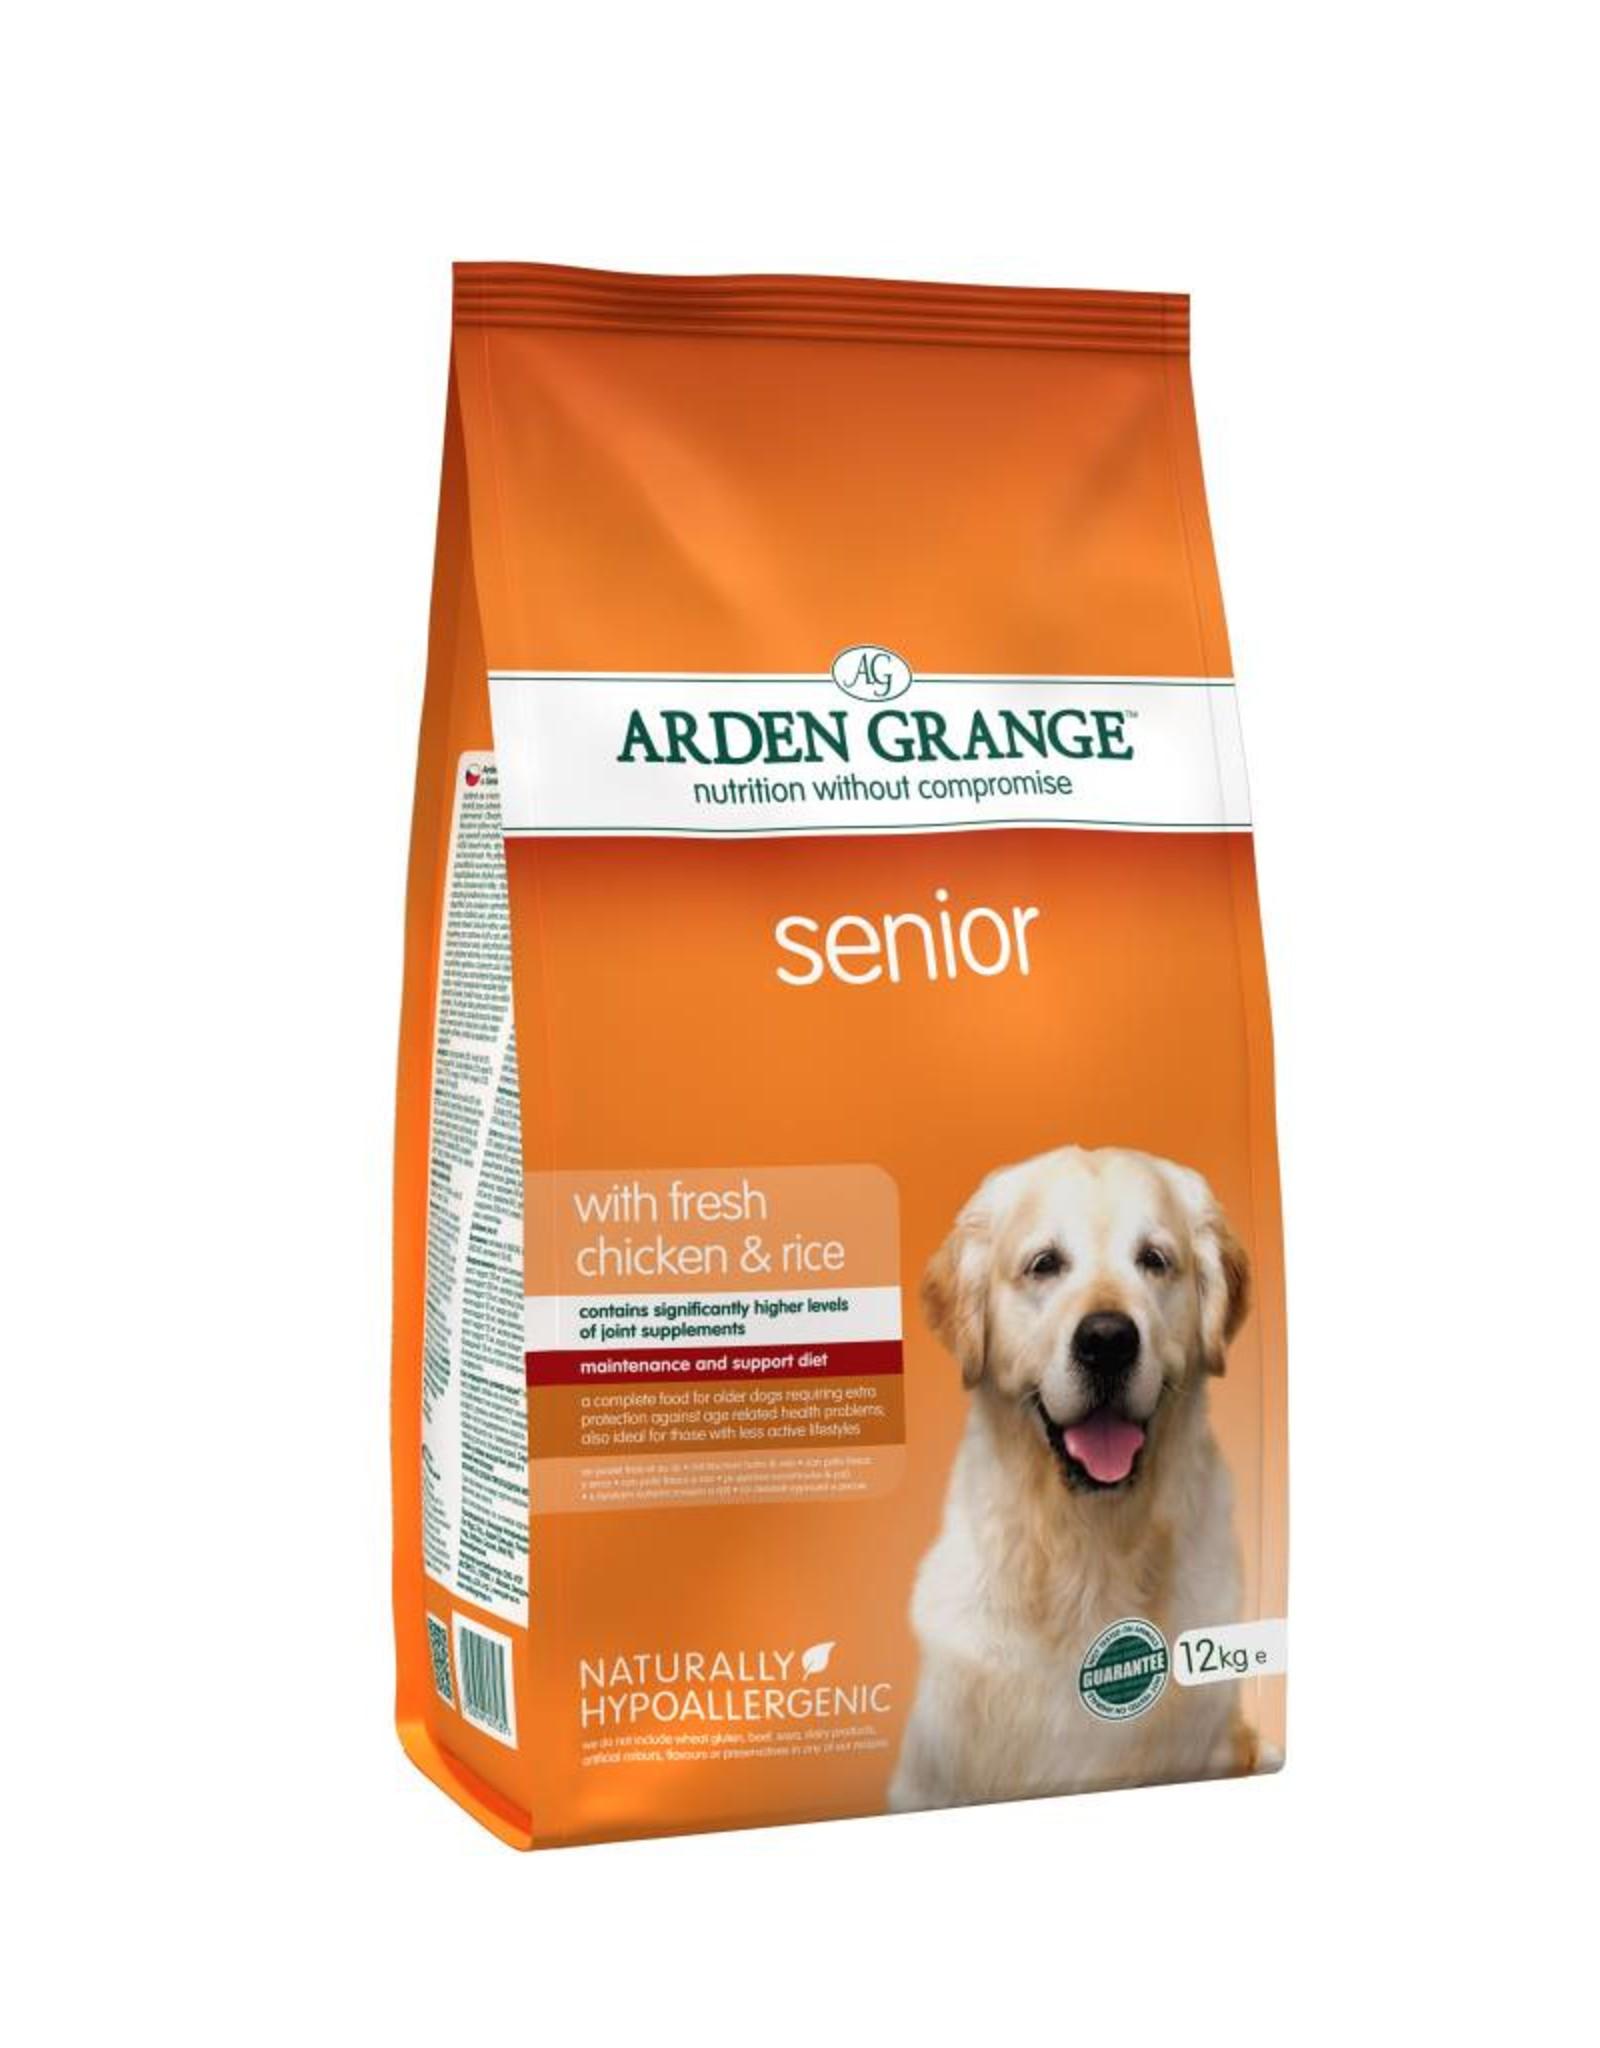 Arden Grange Senior Dog Dry Food, Chicken & Rice